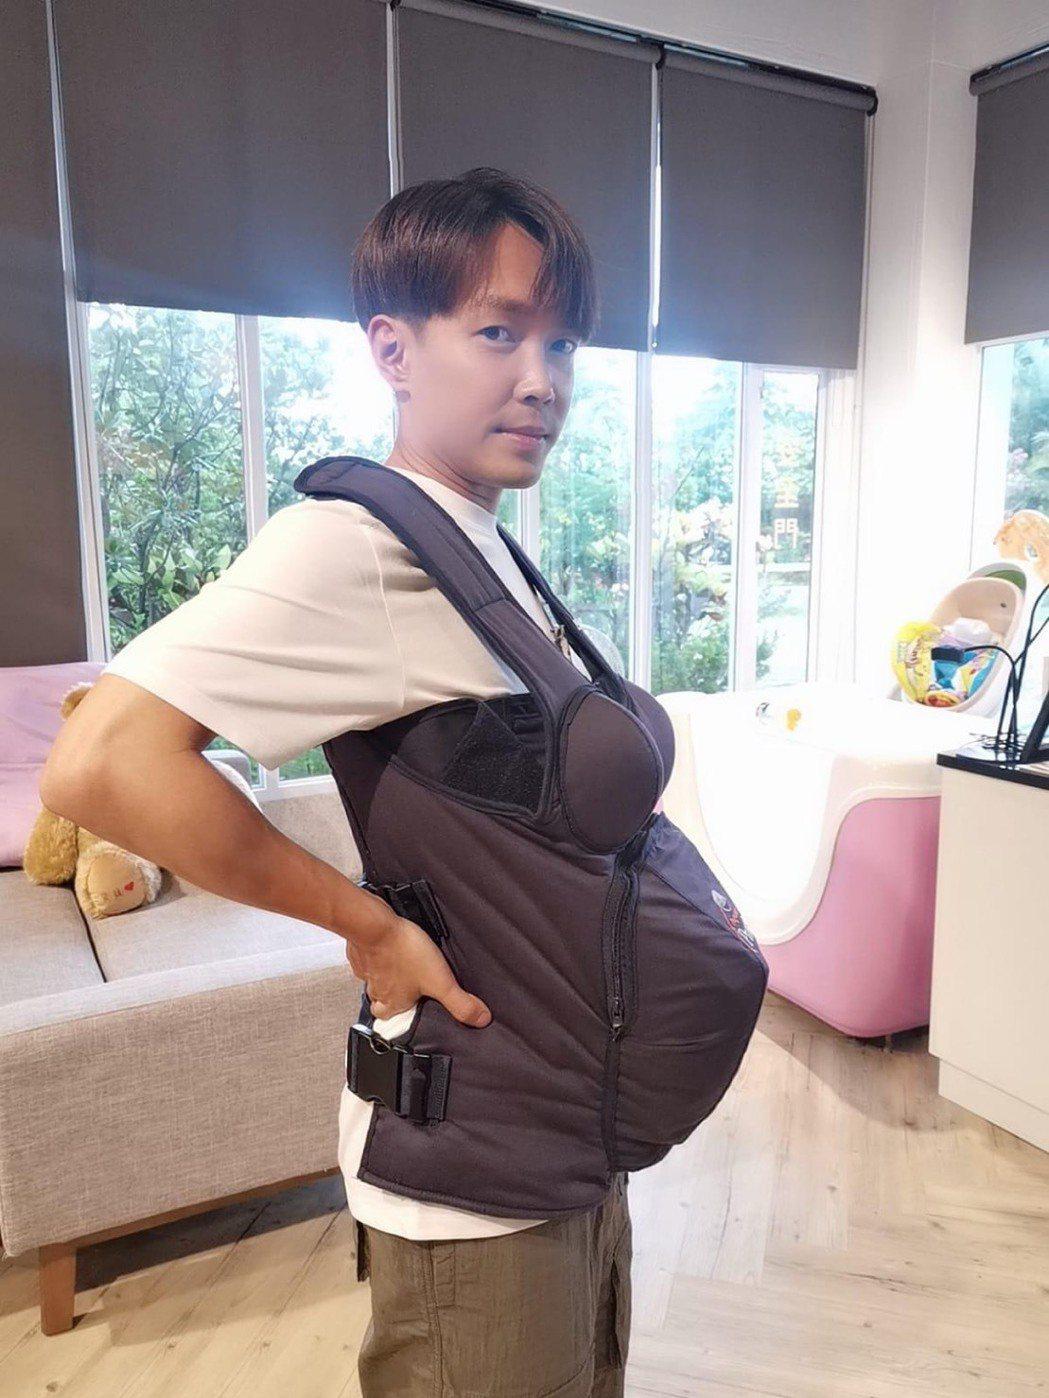 許仁杰穿上假胸、假肚子,體驗孕婦懷胎辛苦。圖/許氏夫妻提供